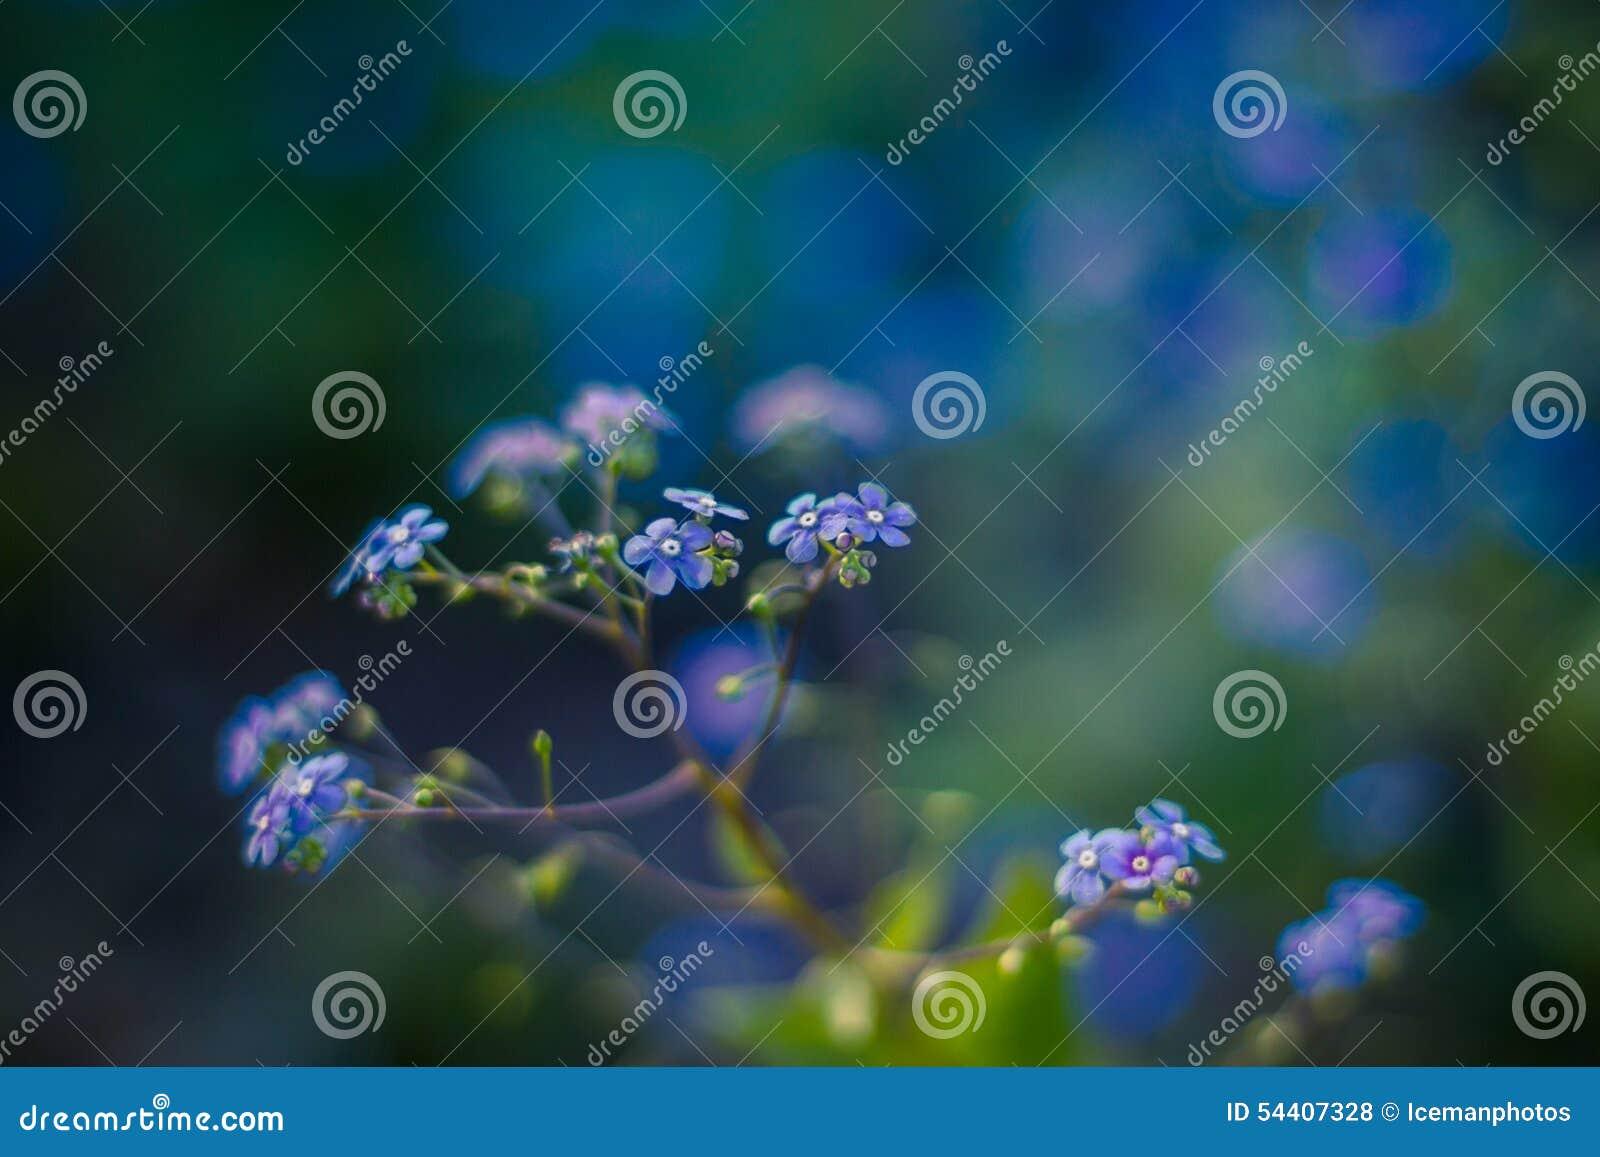 Vergessen Sie mich nicht, kleine Blumen in Form eines Herzens